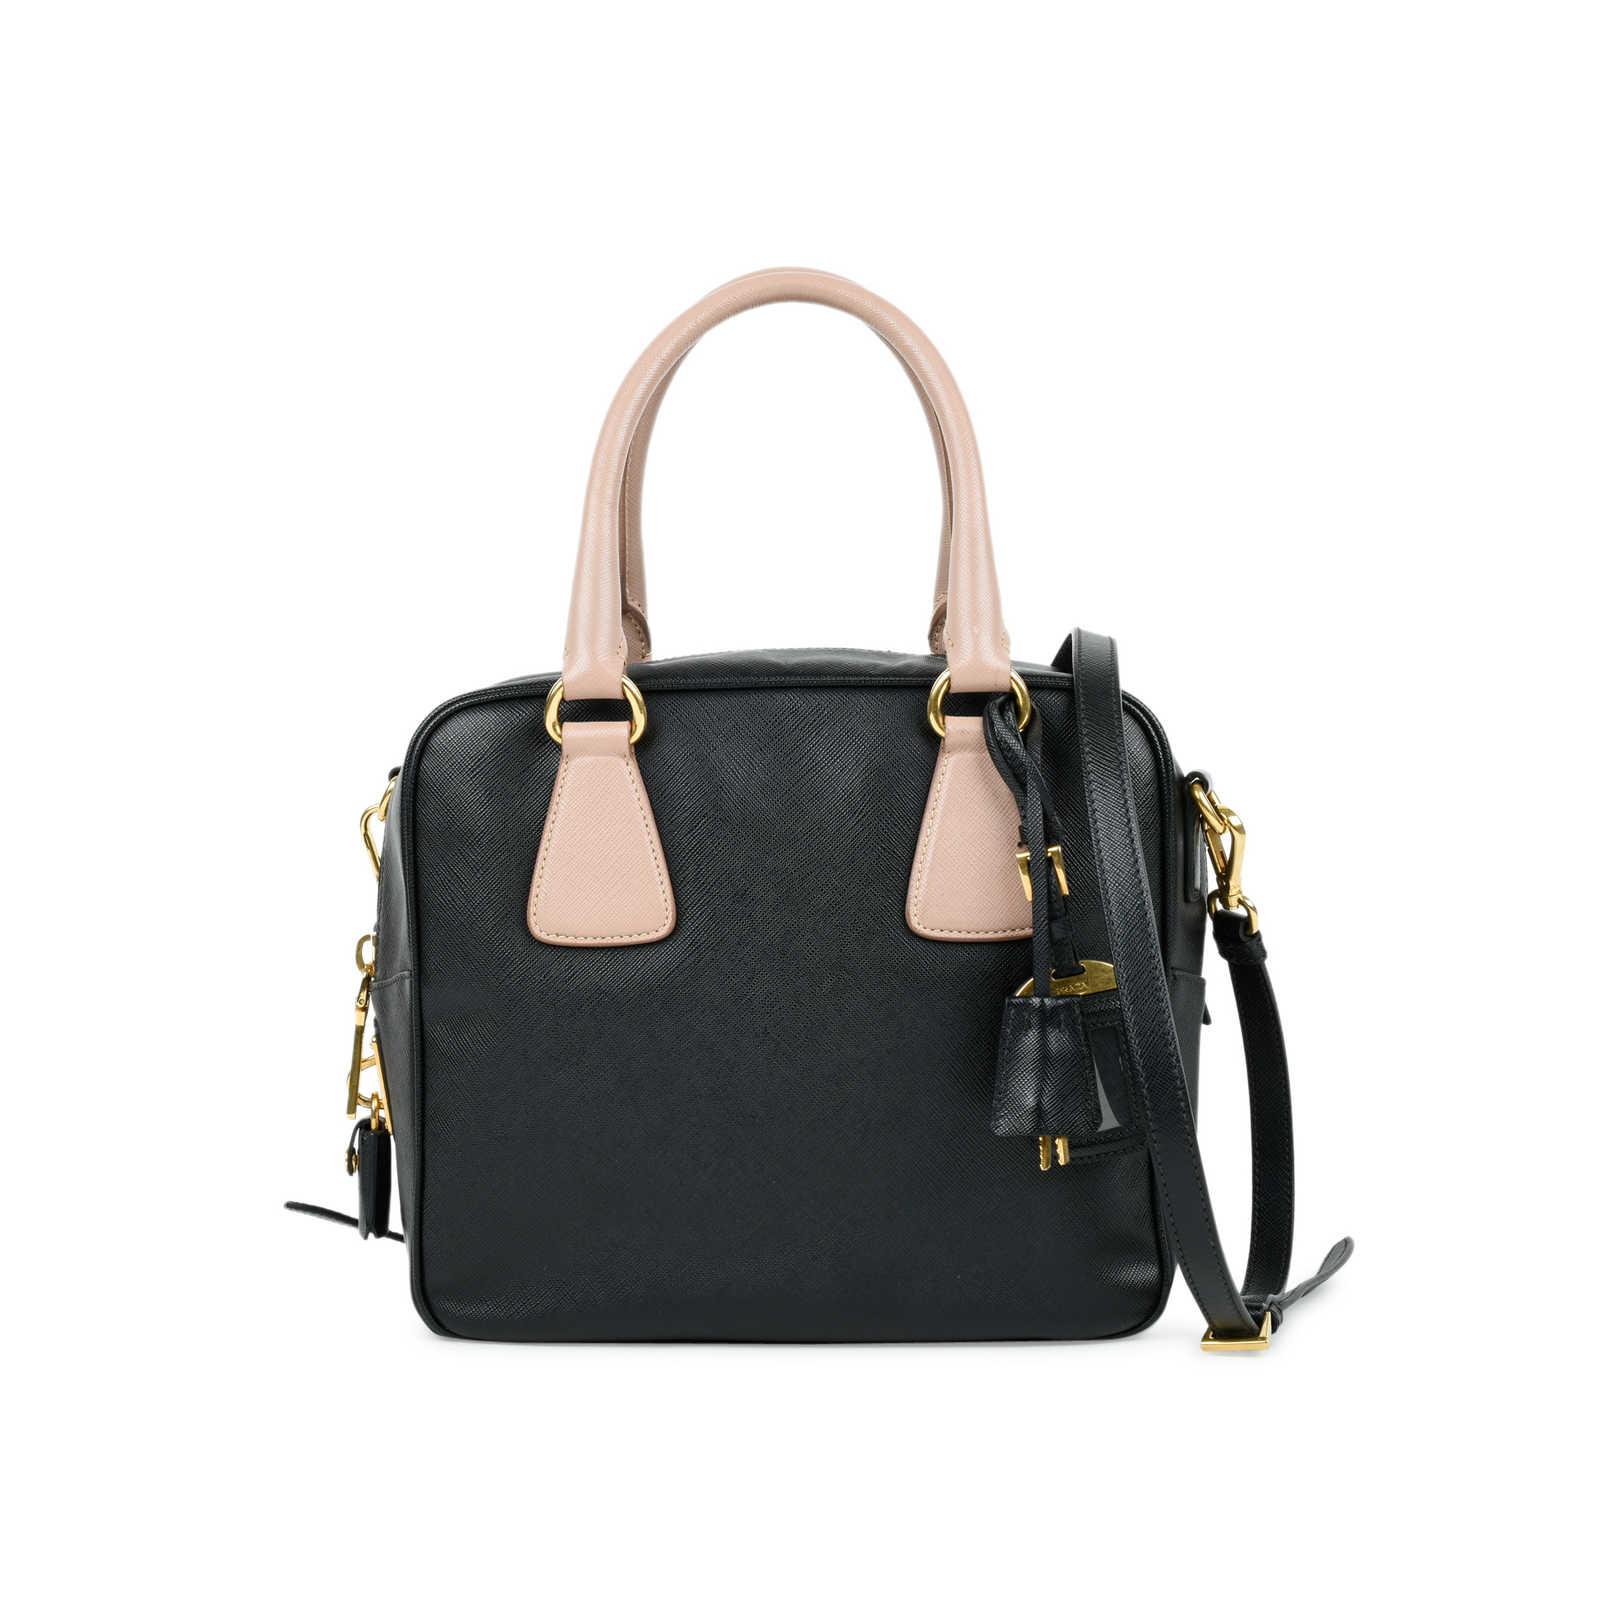 Authentic Second Hand Prada Saffiano Box Satchel Bag (PSS-485-00001) ... e5a3cfac850a3